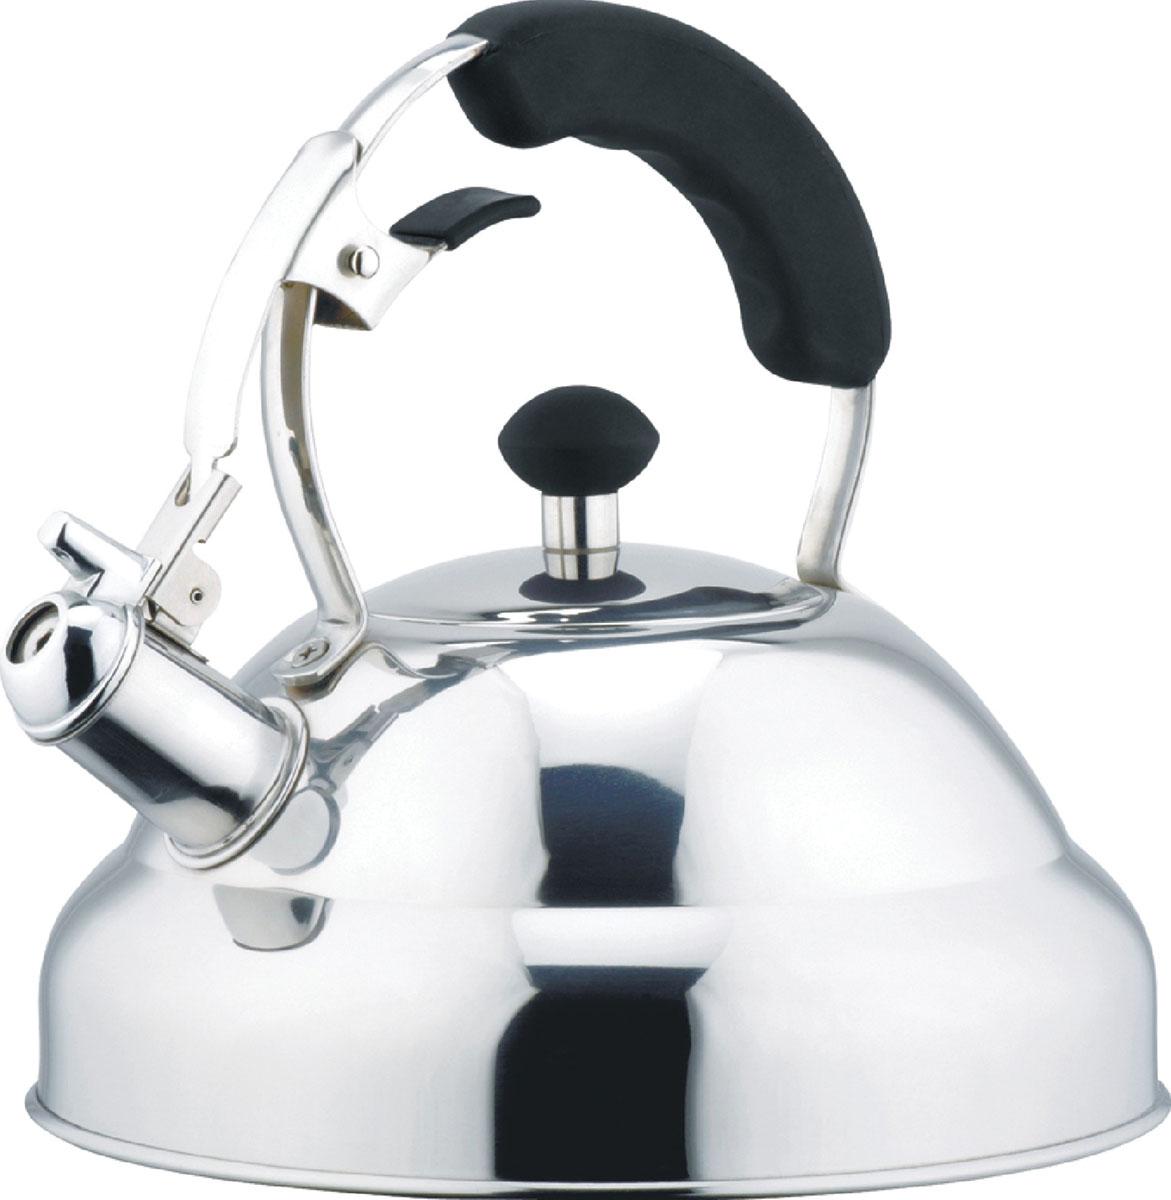 Чайник металлический Bekker De Luxe, 2,6 л. BK-S402 bekker чайник заварочный пресс фильтр bekker de luxe bk 389 0 6 л ni4uhc1